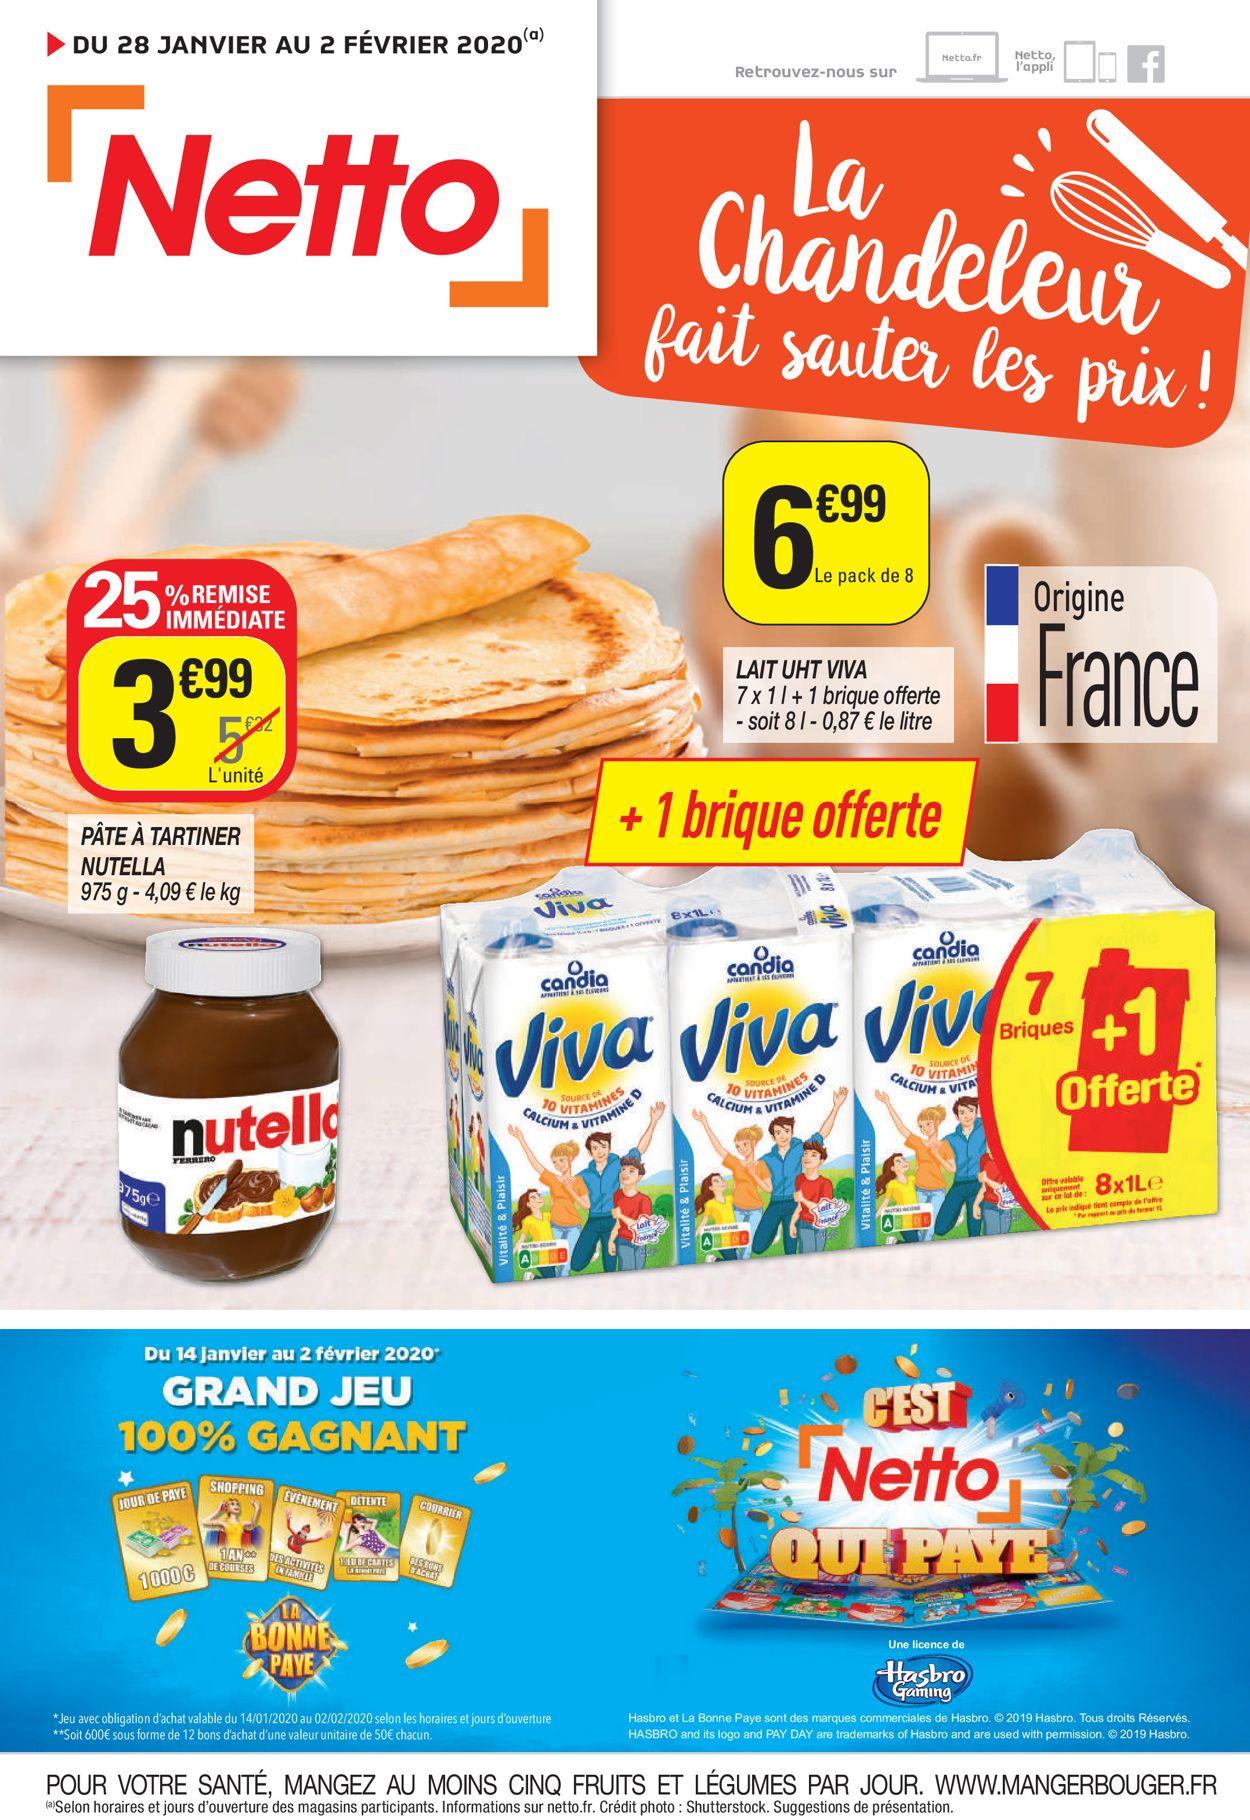 Netto Catalogue - 28.01-02.02.2020